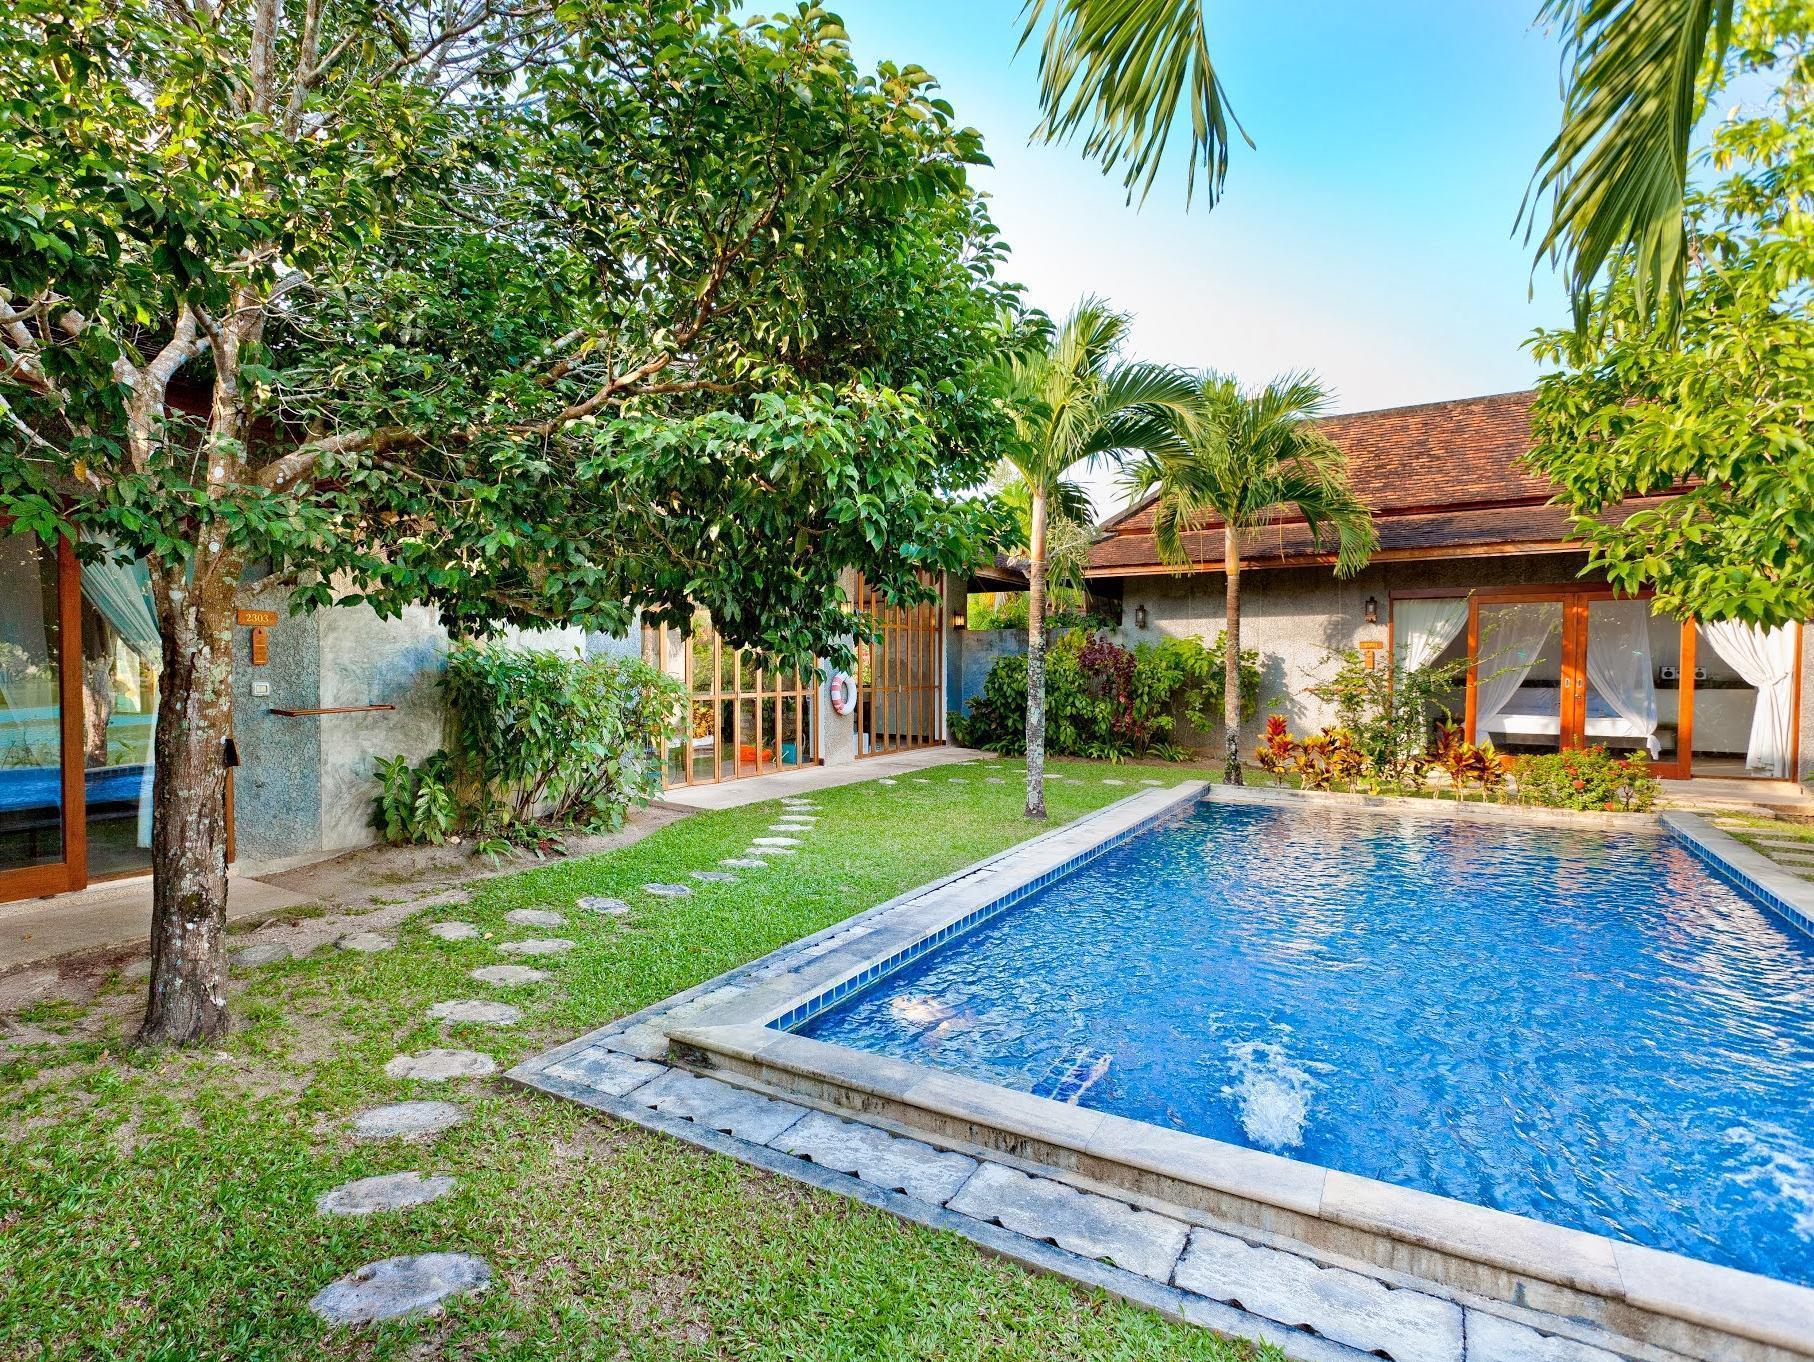 Hotell Bor Saen Villa   Spa i , Phang Nga. Klicka för att läsa mer och skicka bokningsförfrågan